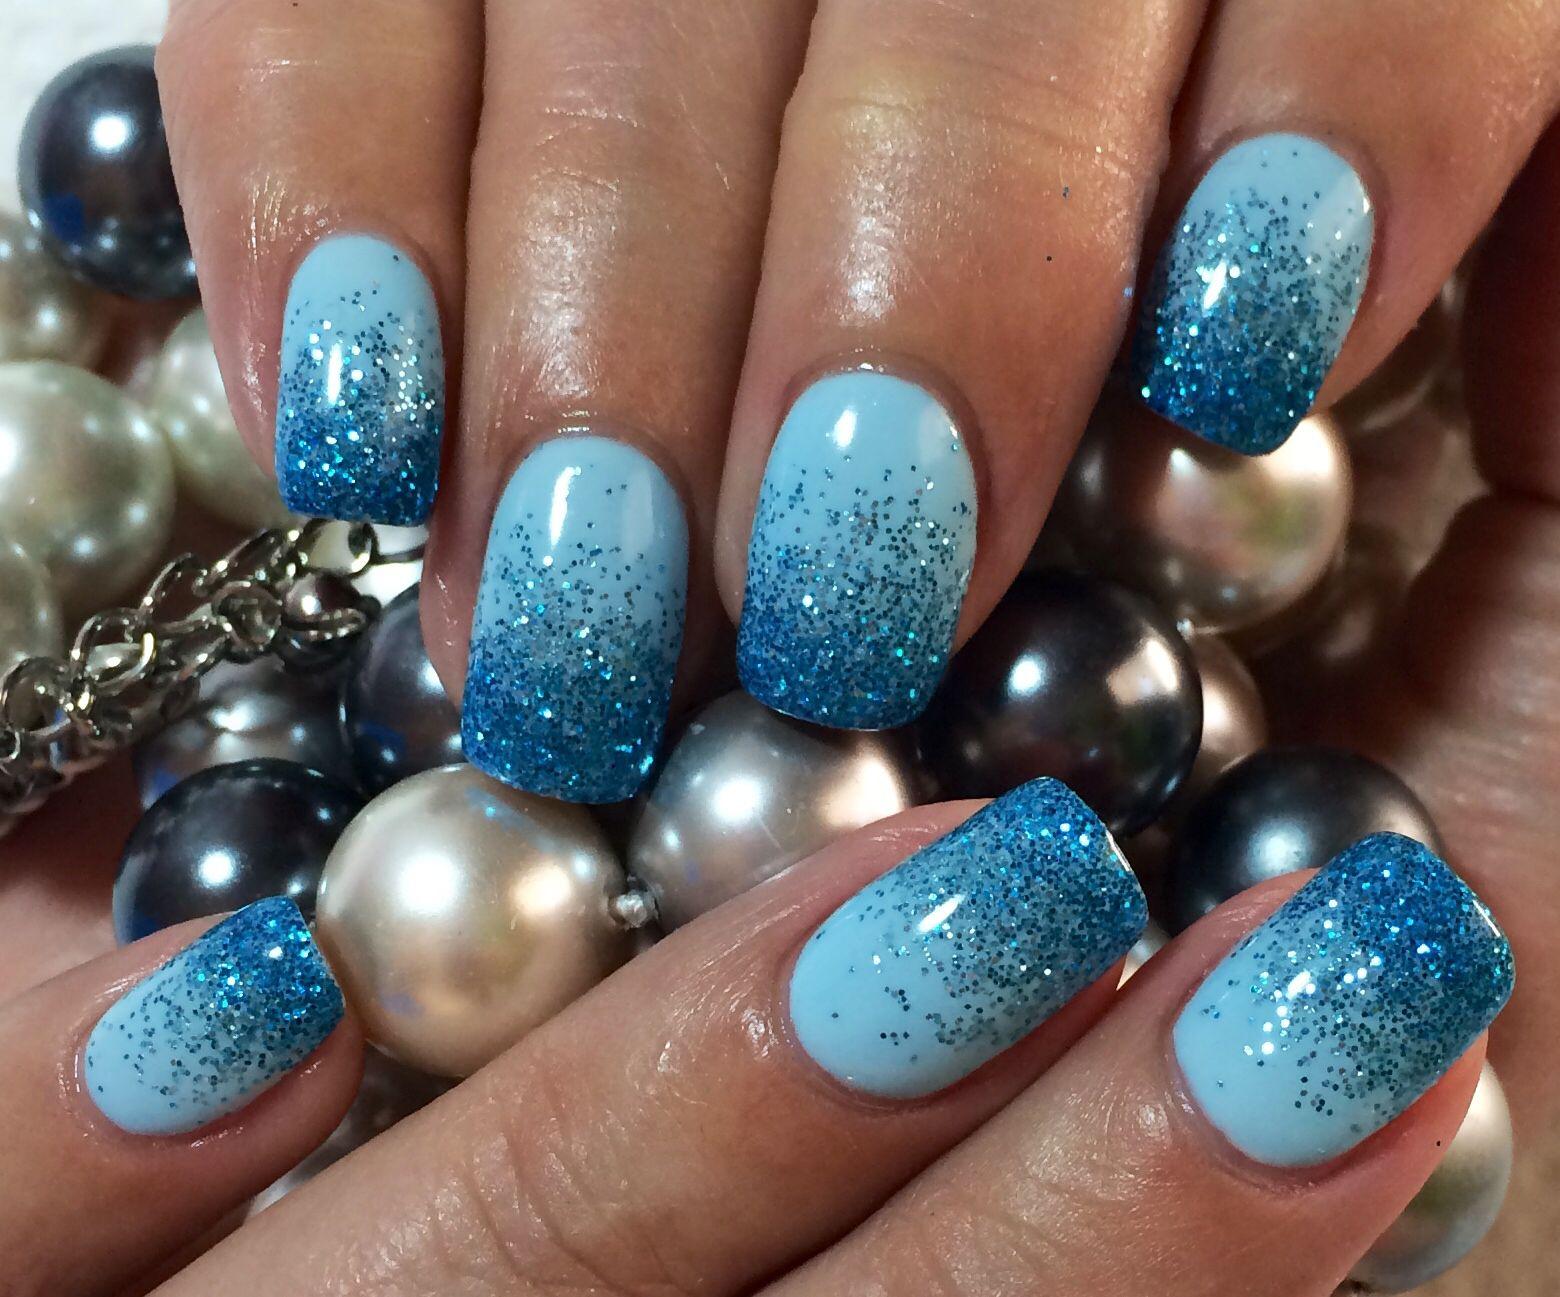 nagel gel g nstig 5 besten glitter fade nails faded. Black Bedroom Furniture Sets. Home Design Ideas